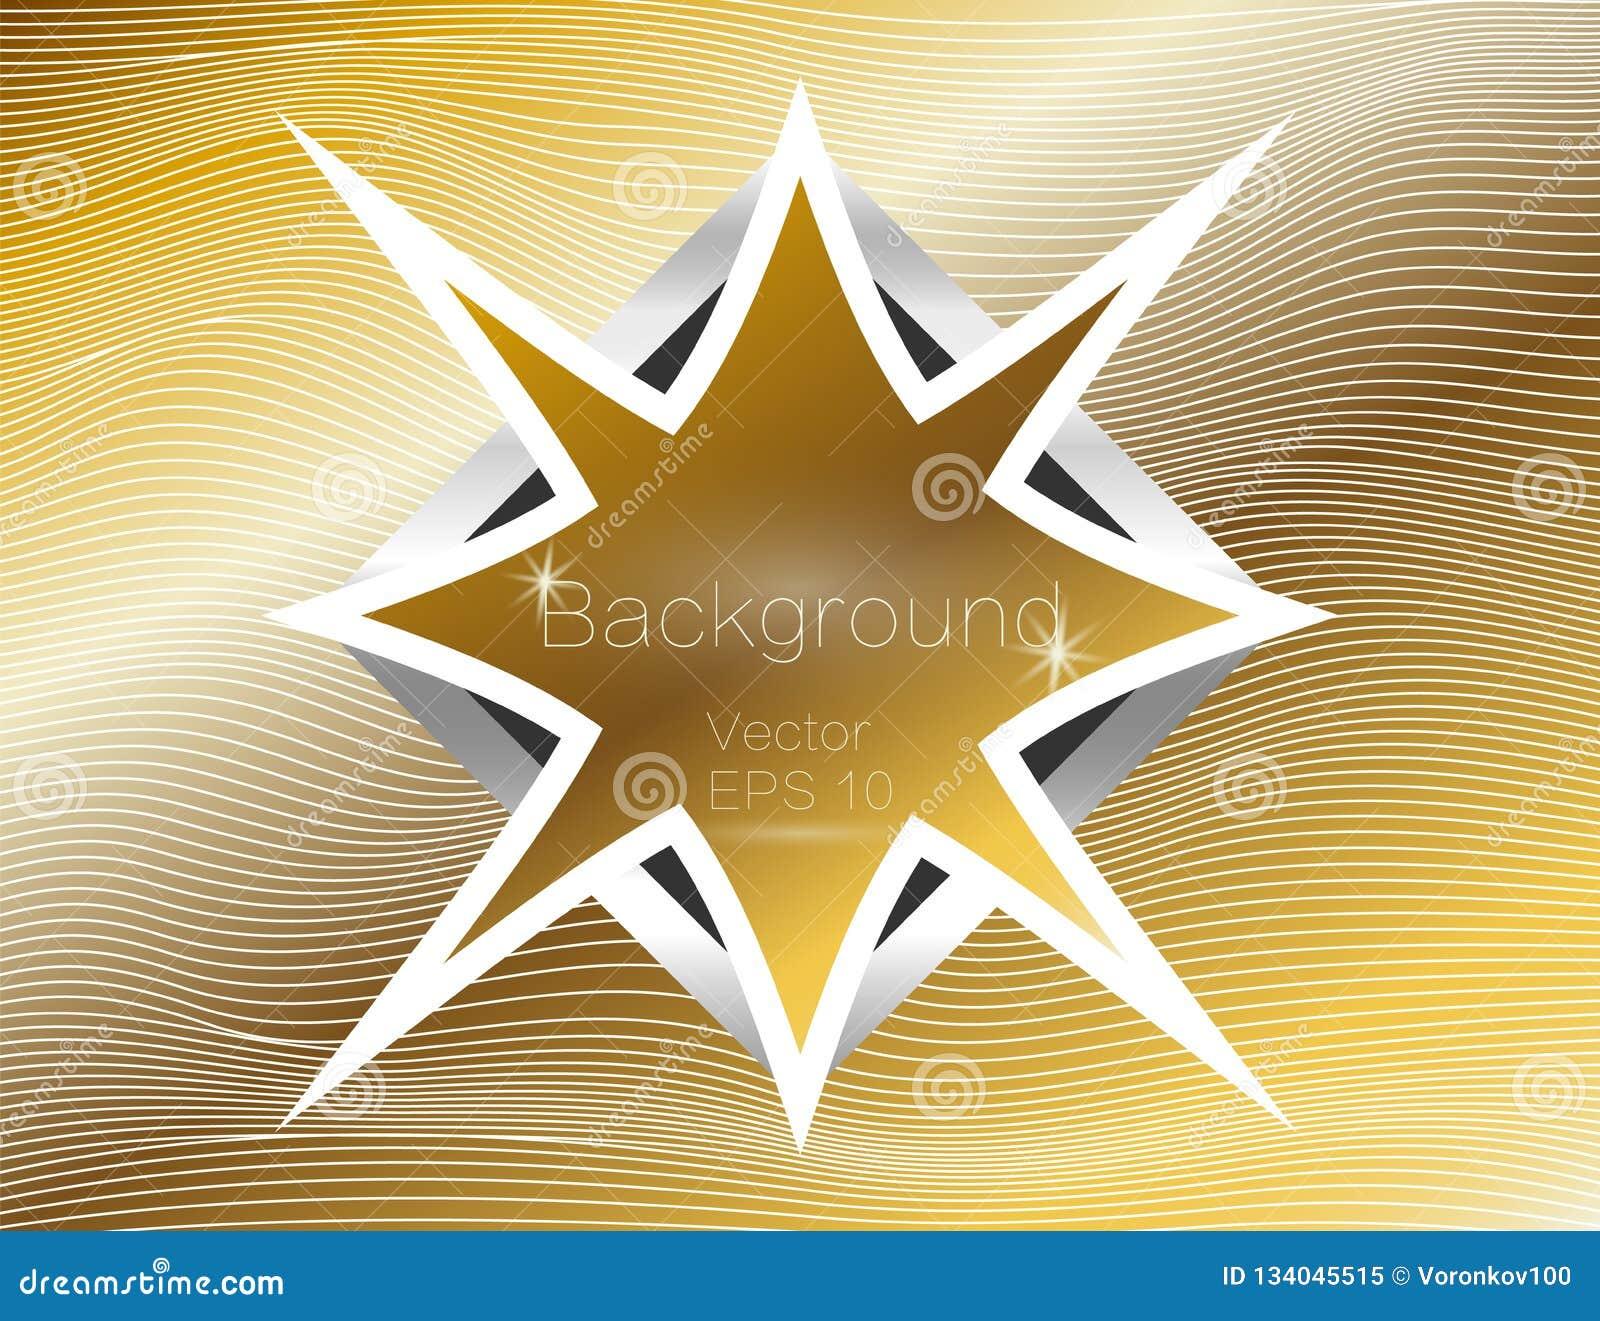 Золото волнистое, линии роскошь Текстура вектора предпосылки нашивок золота, с темной звездообразной плитой Замотка прокладки